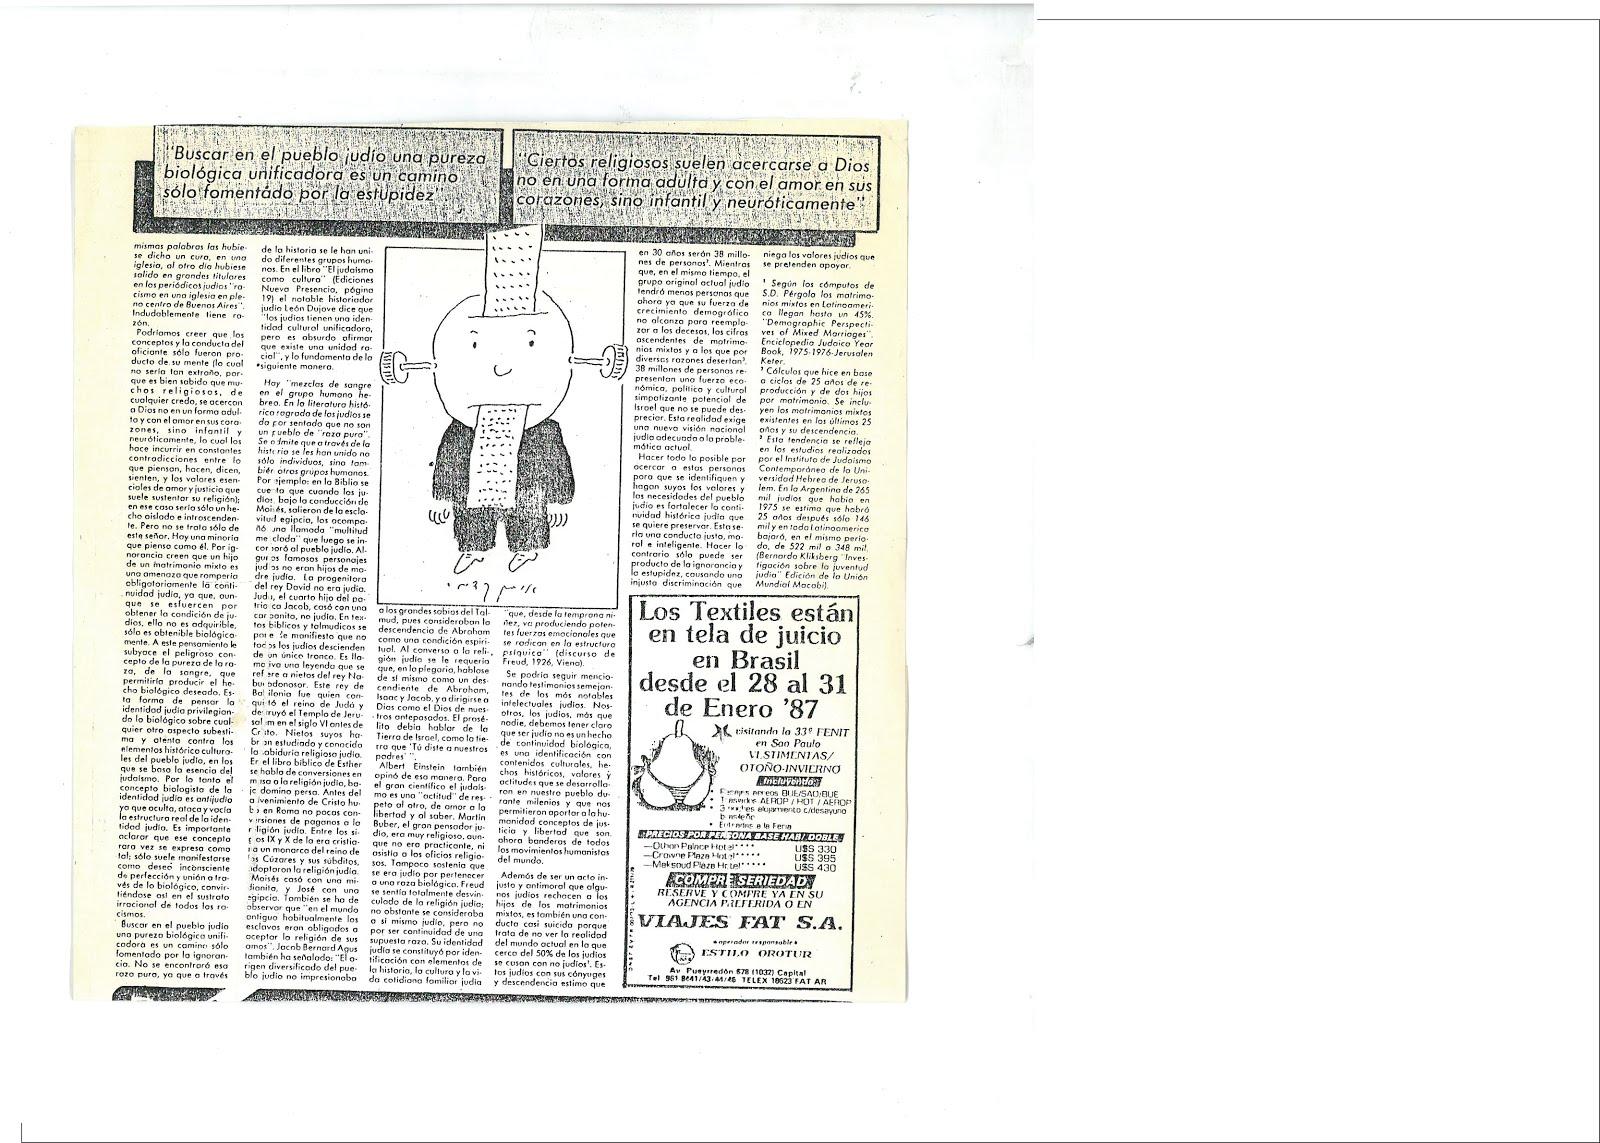 37b - Página 2 PUBLICADO EL 12/12/1986 POR EL PERIÓDICO JUDÍO ARGENTINO NUEVA PRESENCIA. ESTE HECHO